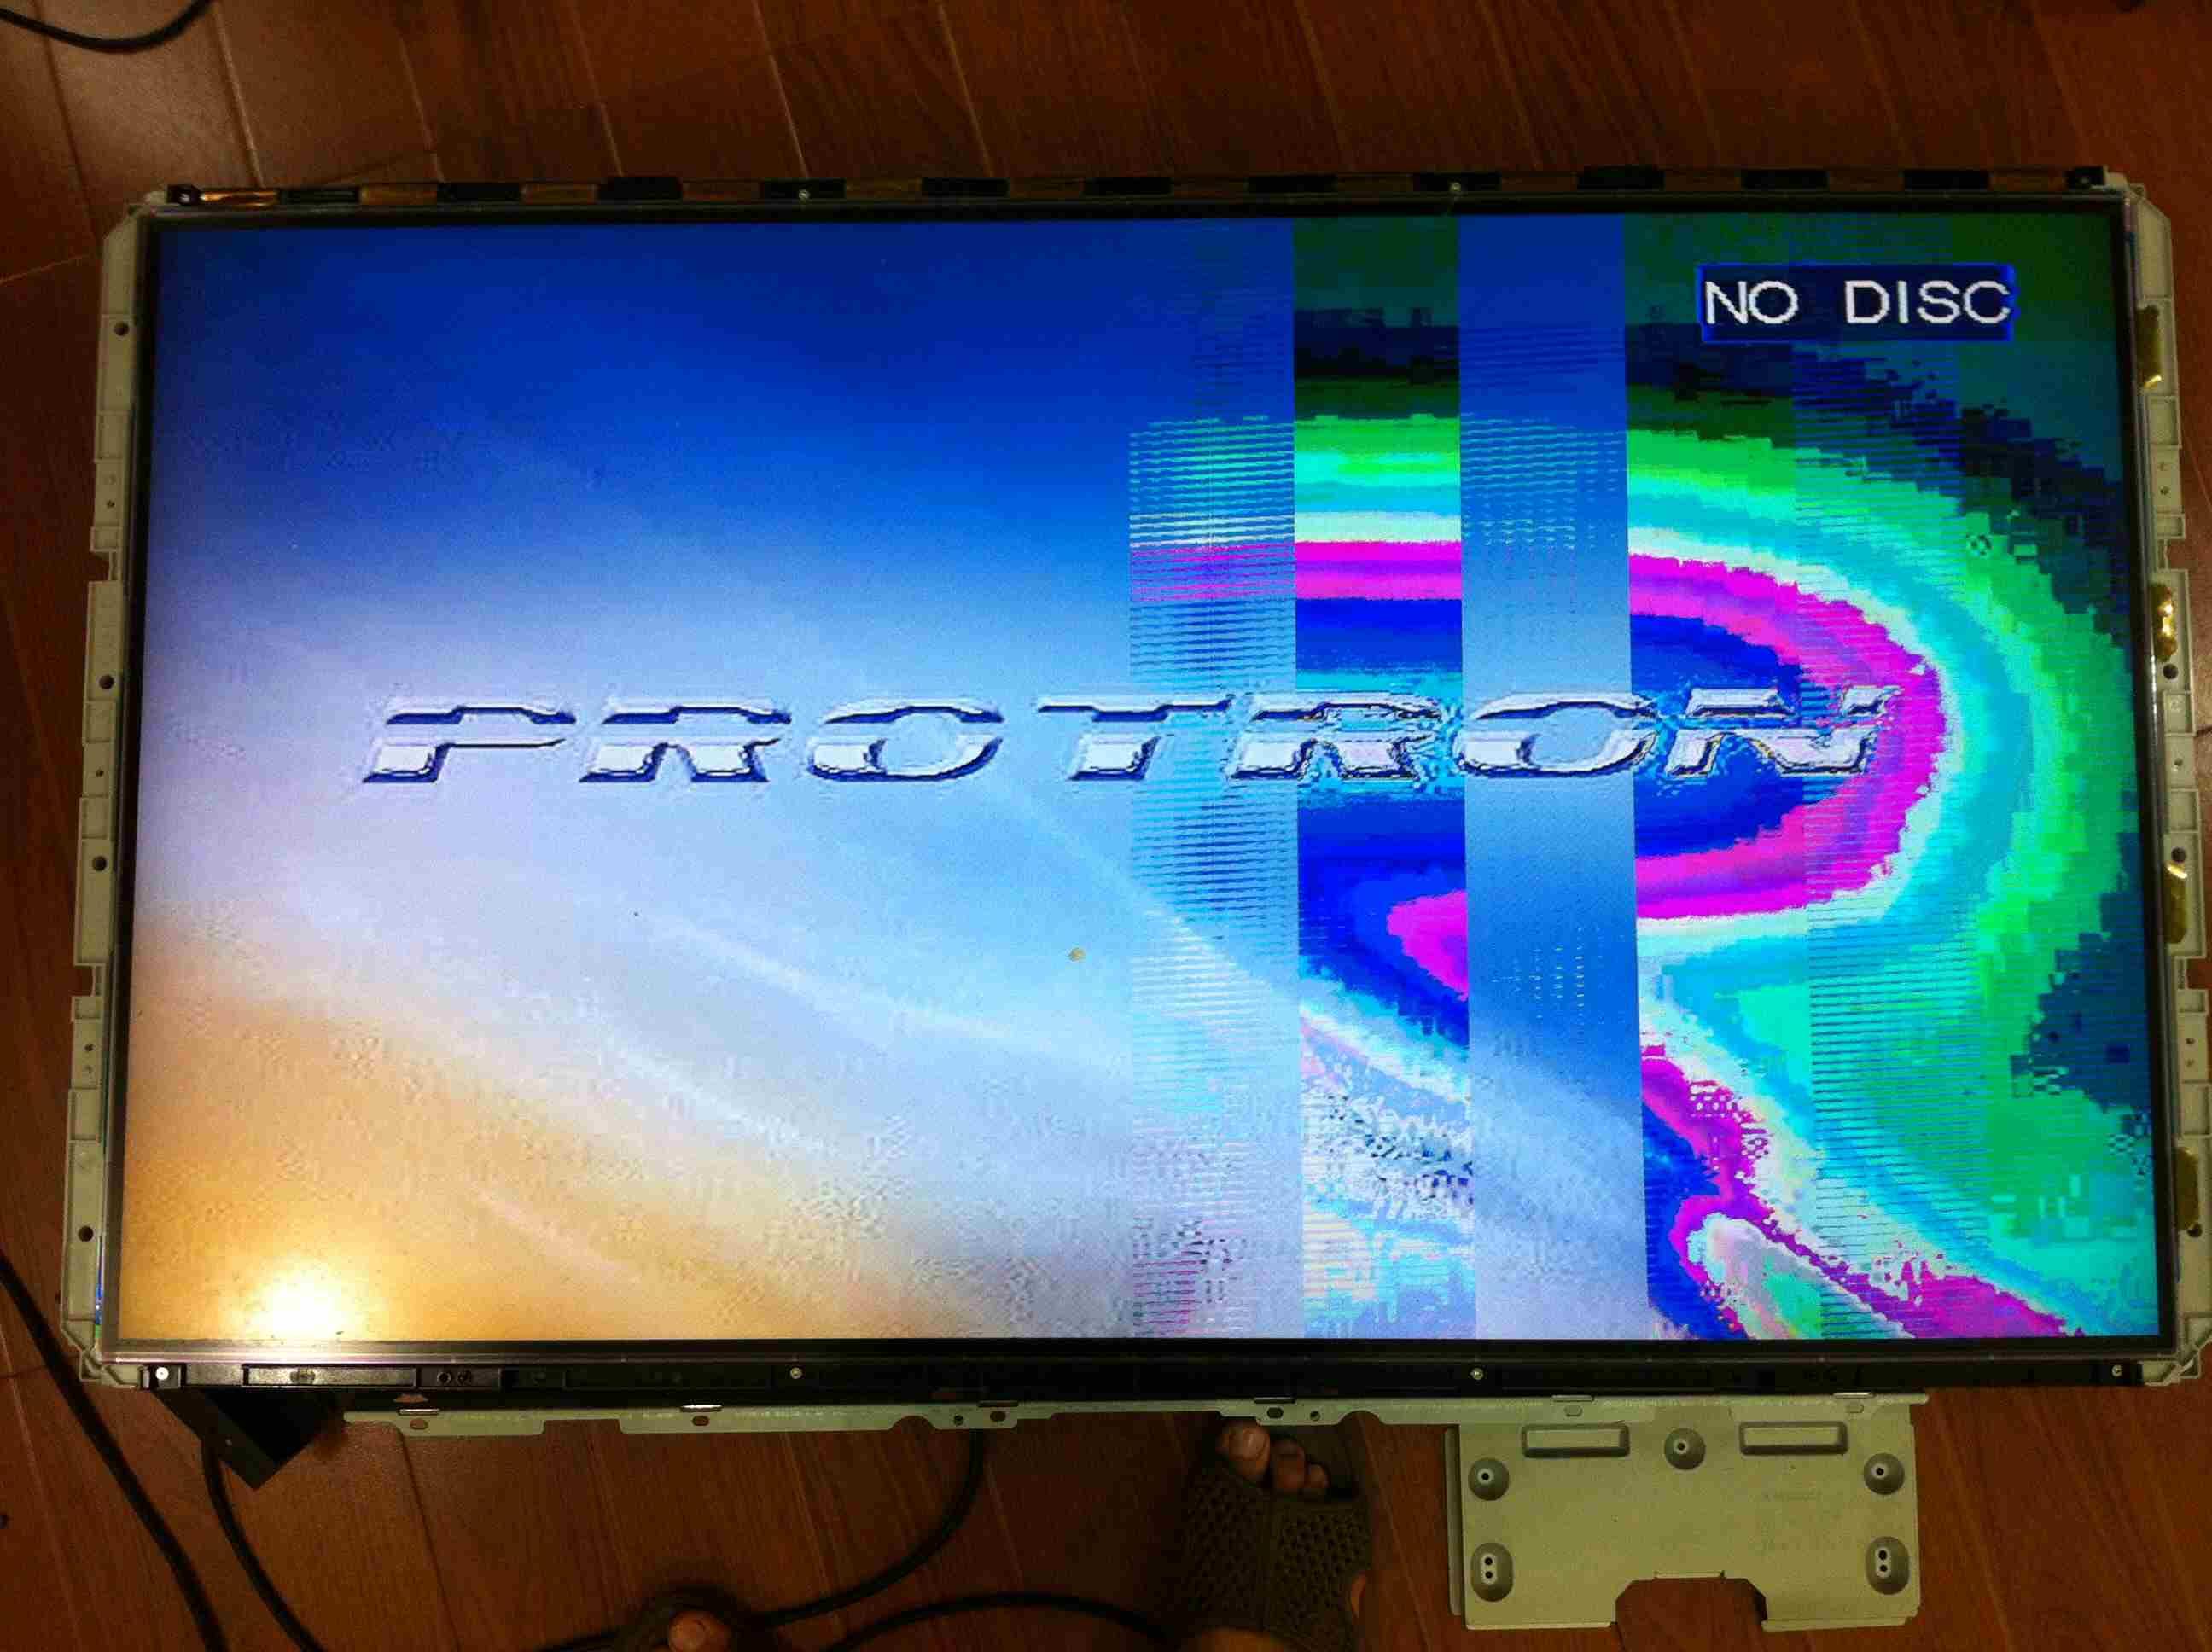 Thay màn hình tivi giá rẻ tại hải phòng